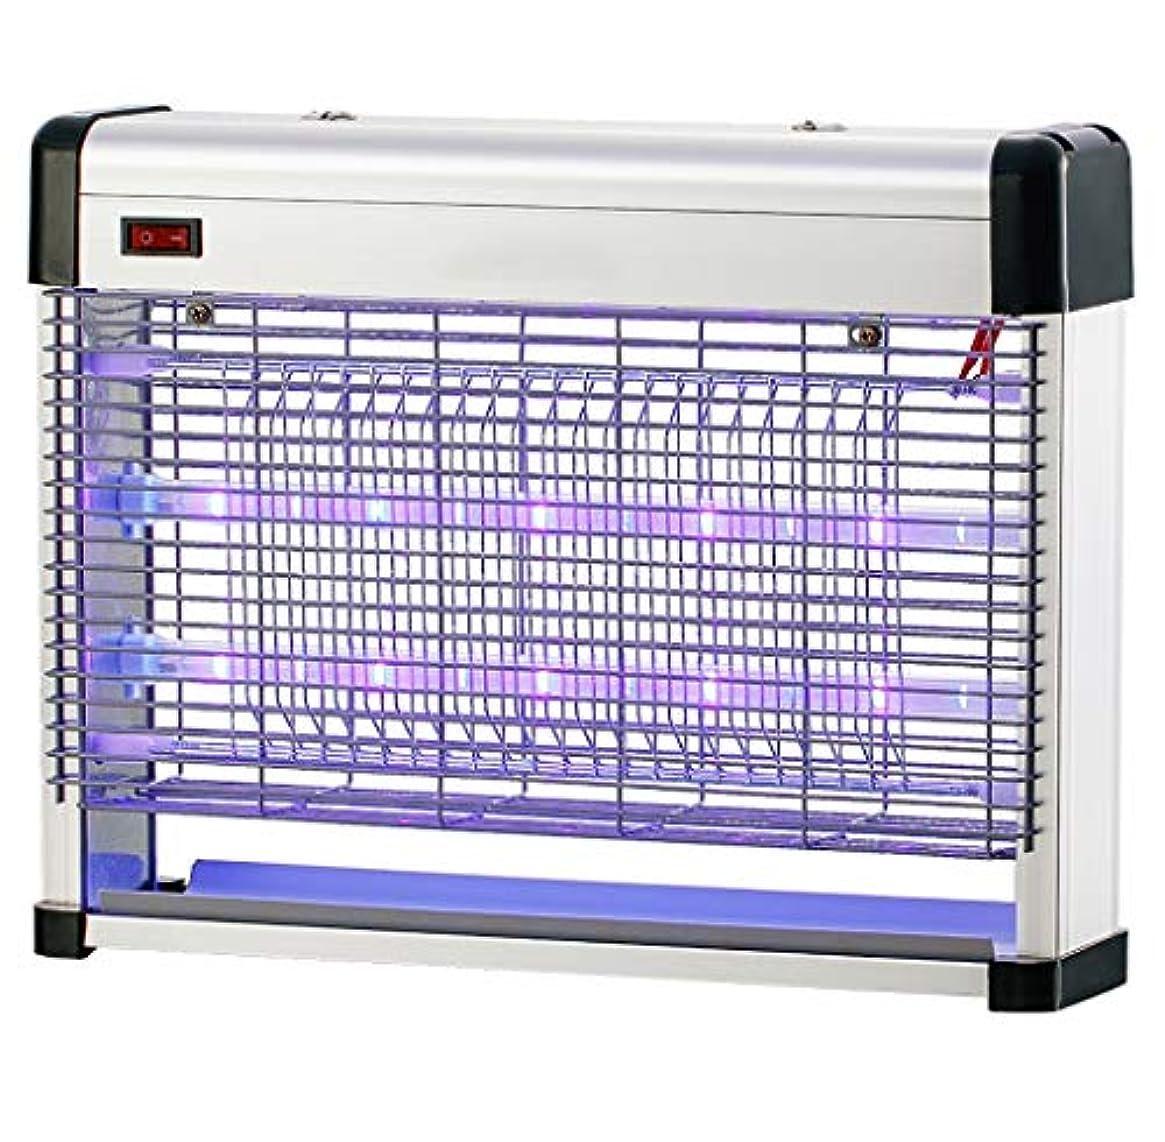 蚊キラー 昆虫キラー15W / 20W / 28W UV - 飛来する虫を引き寄せて蚊に衝撃を与えます - 家族経営のビジネス、取り外し可能なチェーン - (サイズ さいず : 39x29.5cm)